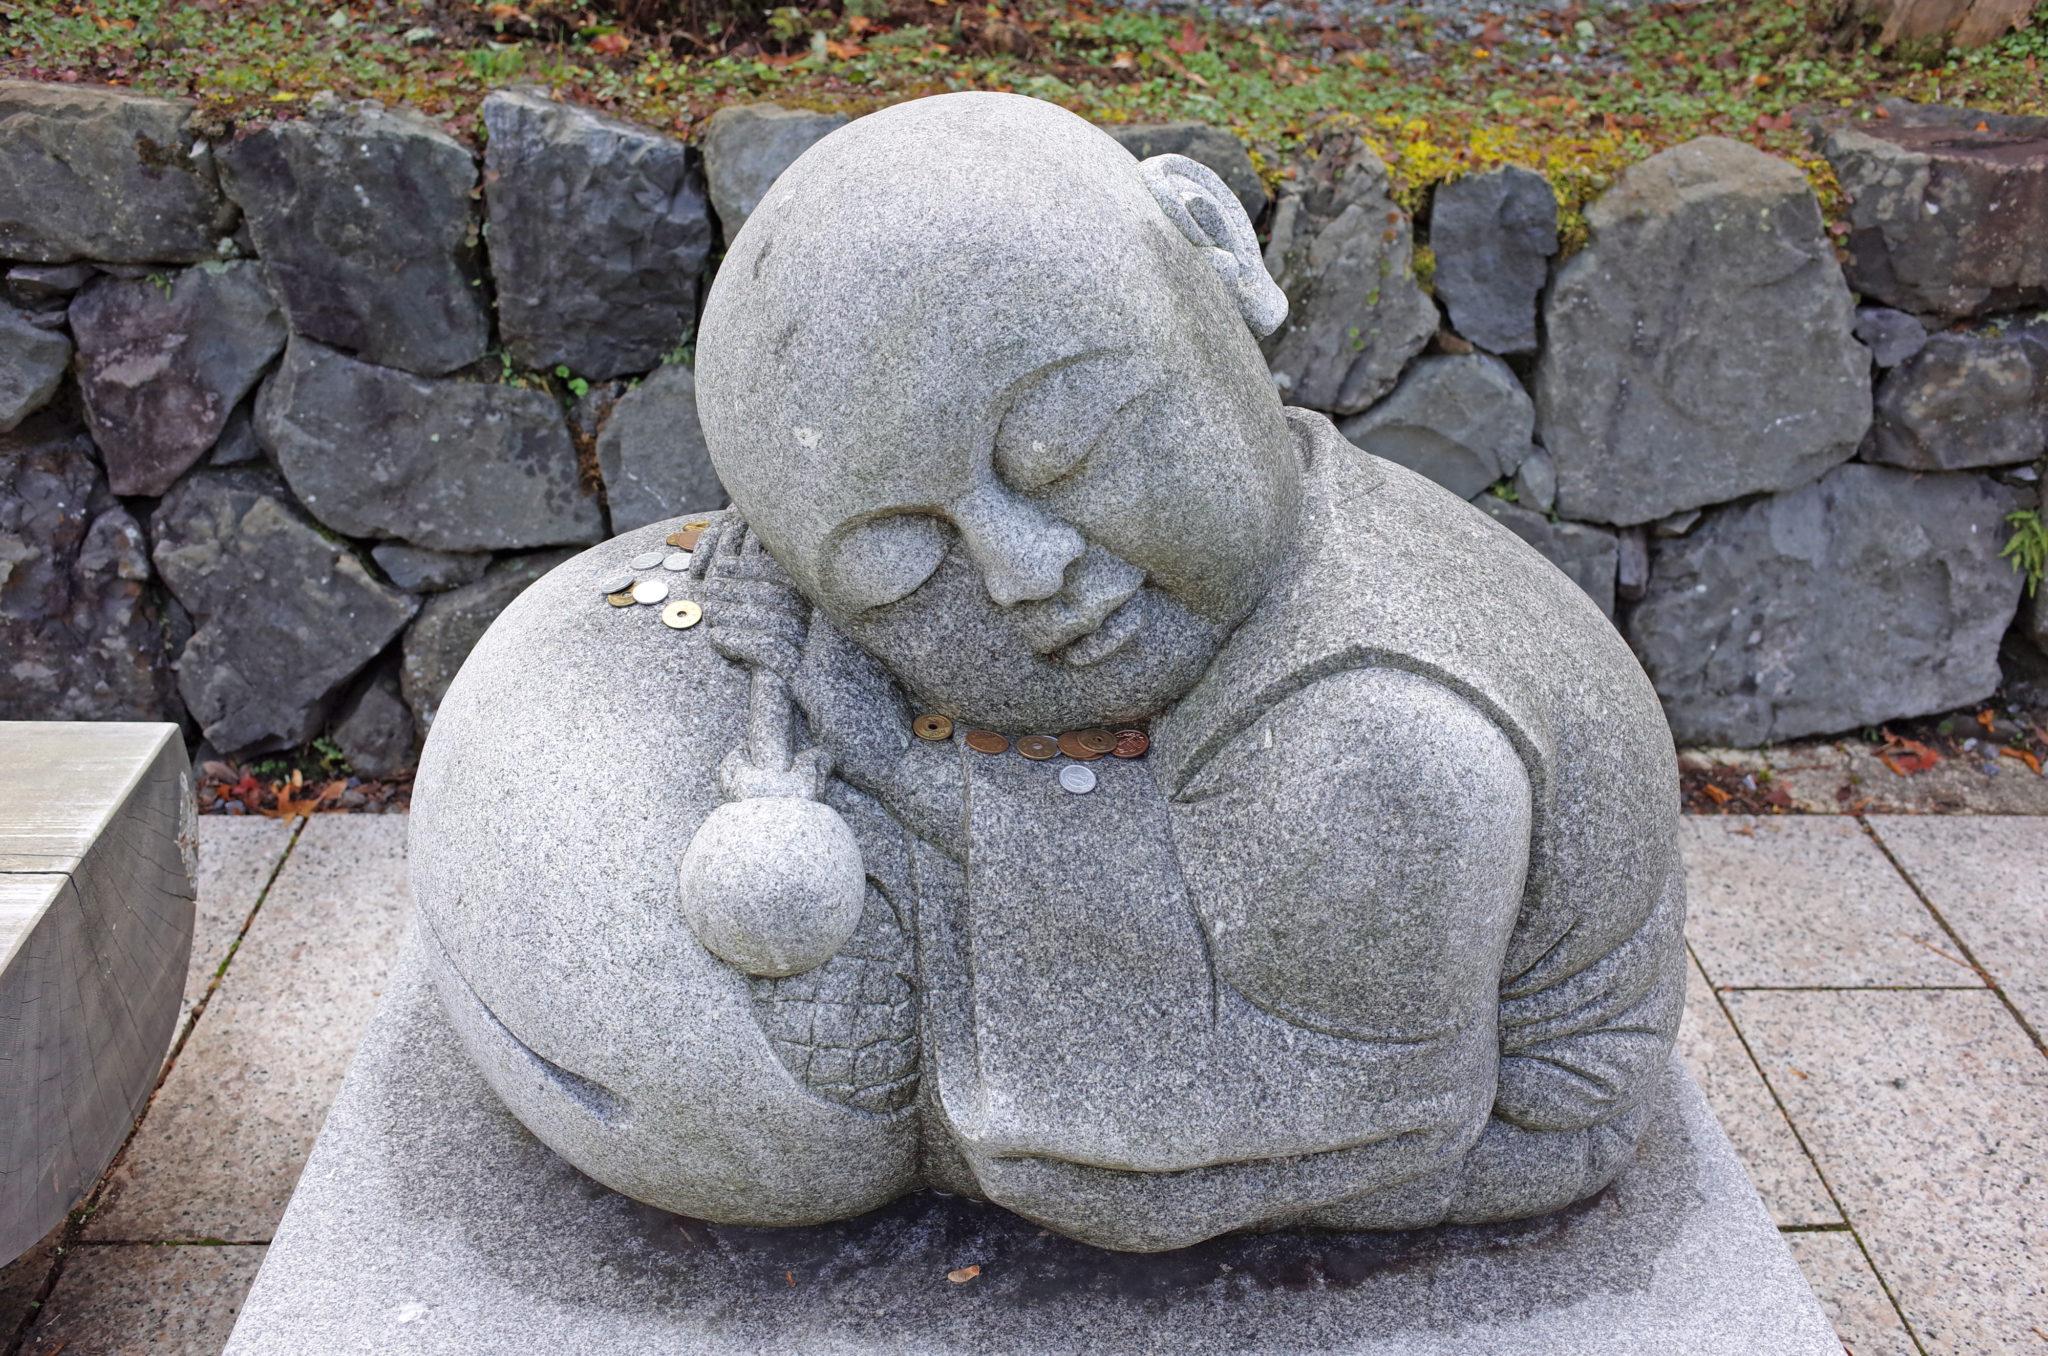 賽銭がお供えされた高野山のかわいい小坊主の石像